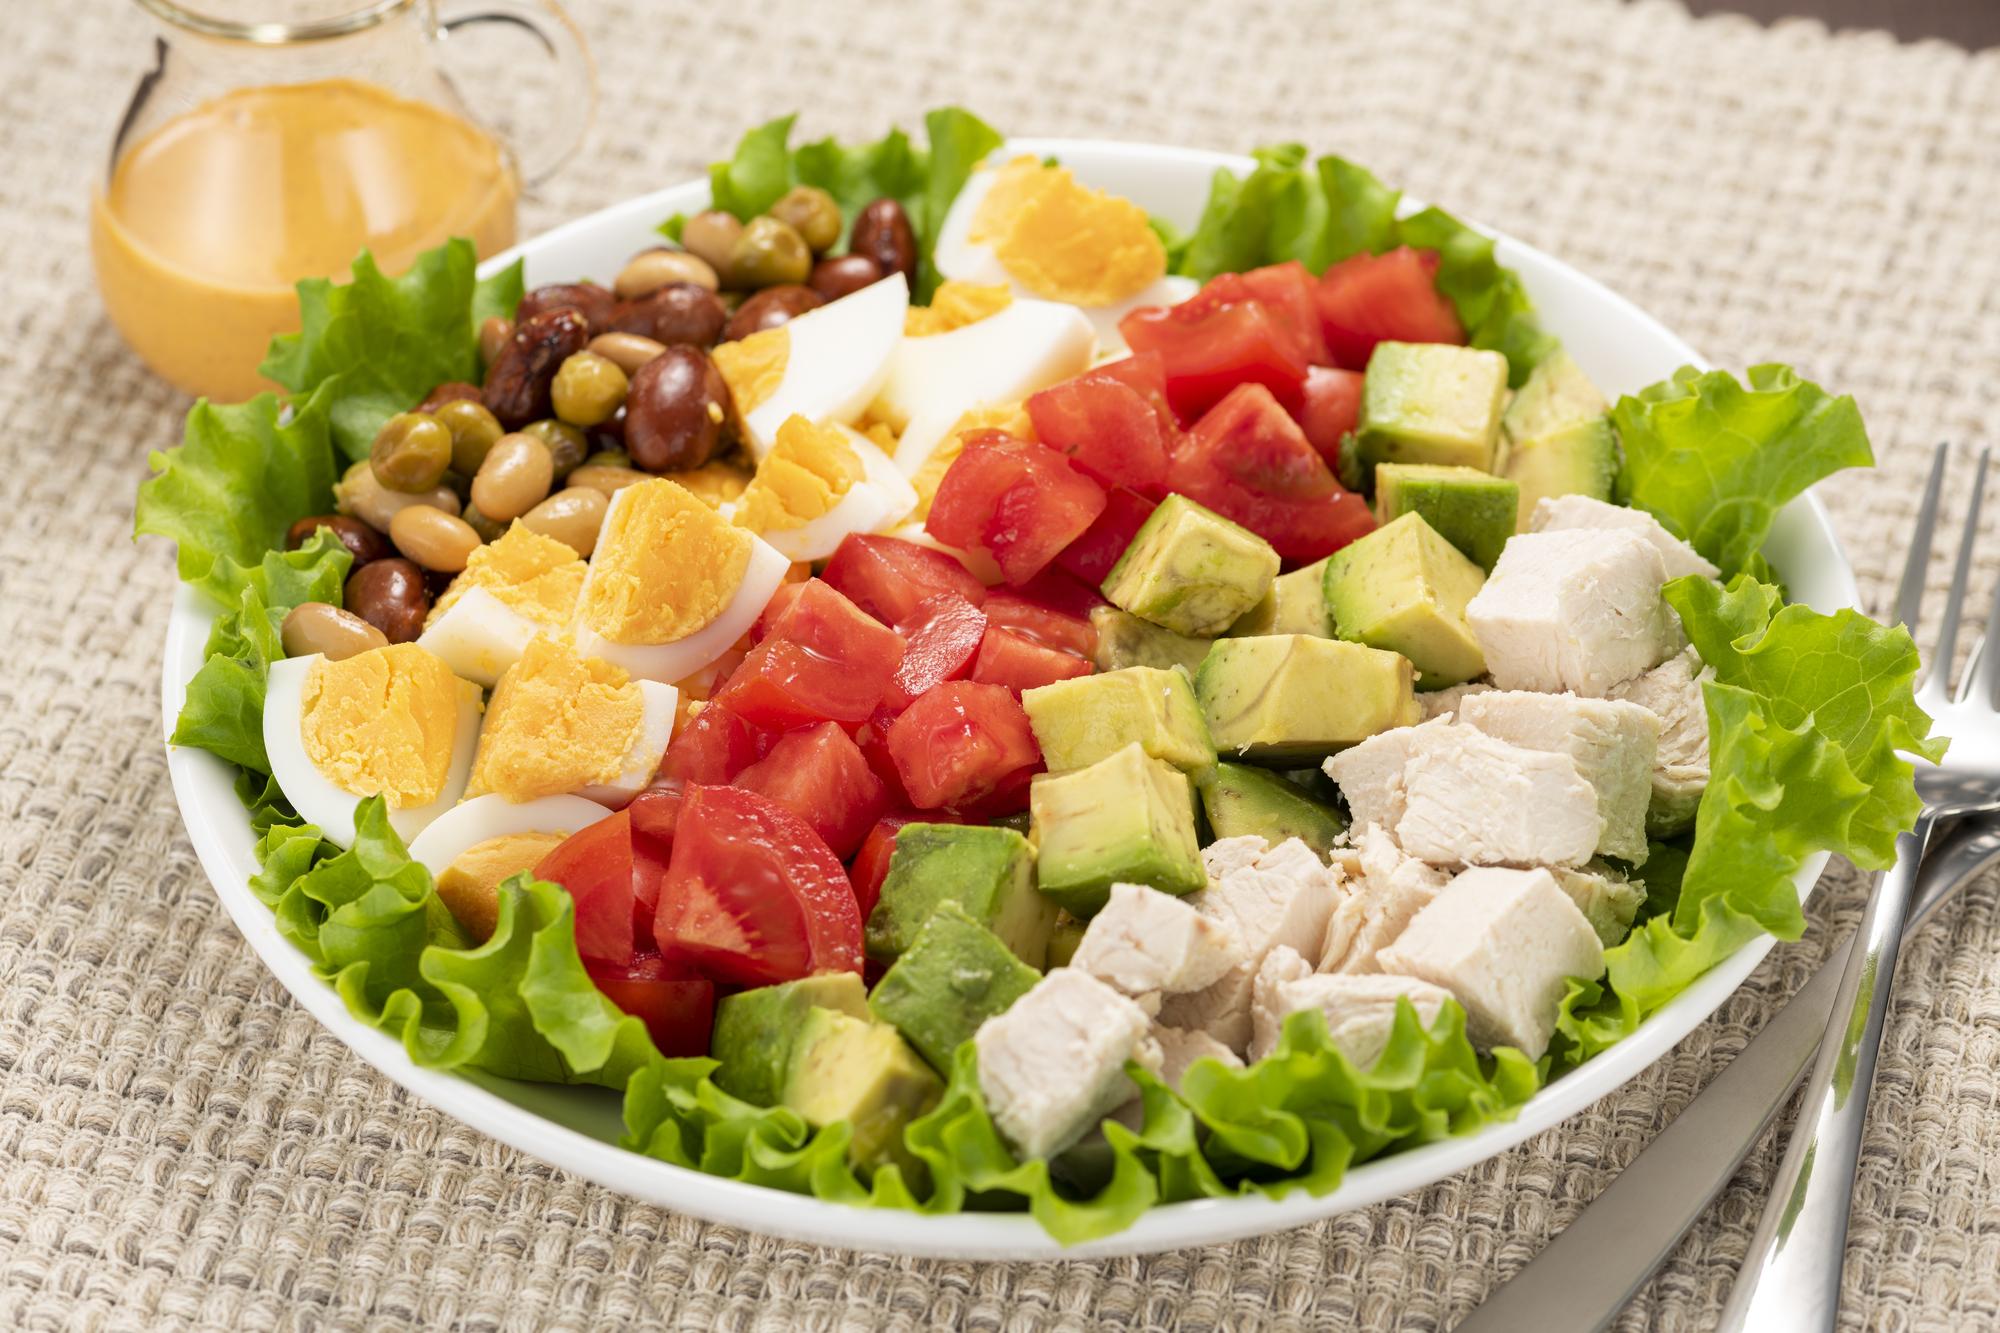 筋トレ中は食事にもこだわらないと意味がない!?摂取すべき栄養素とおすすめの食品・メニュー